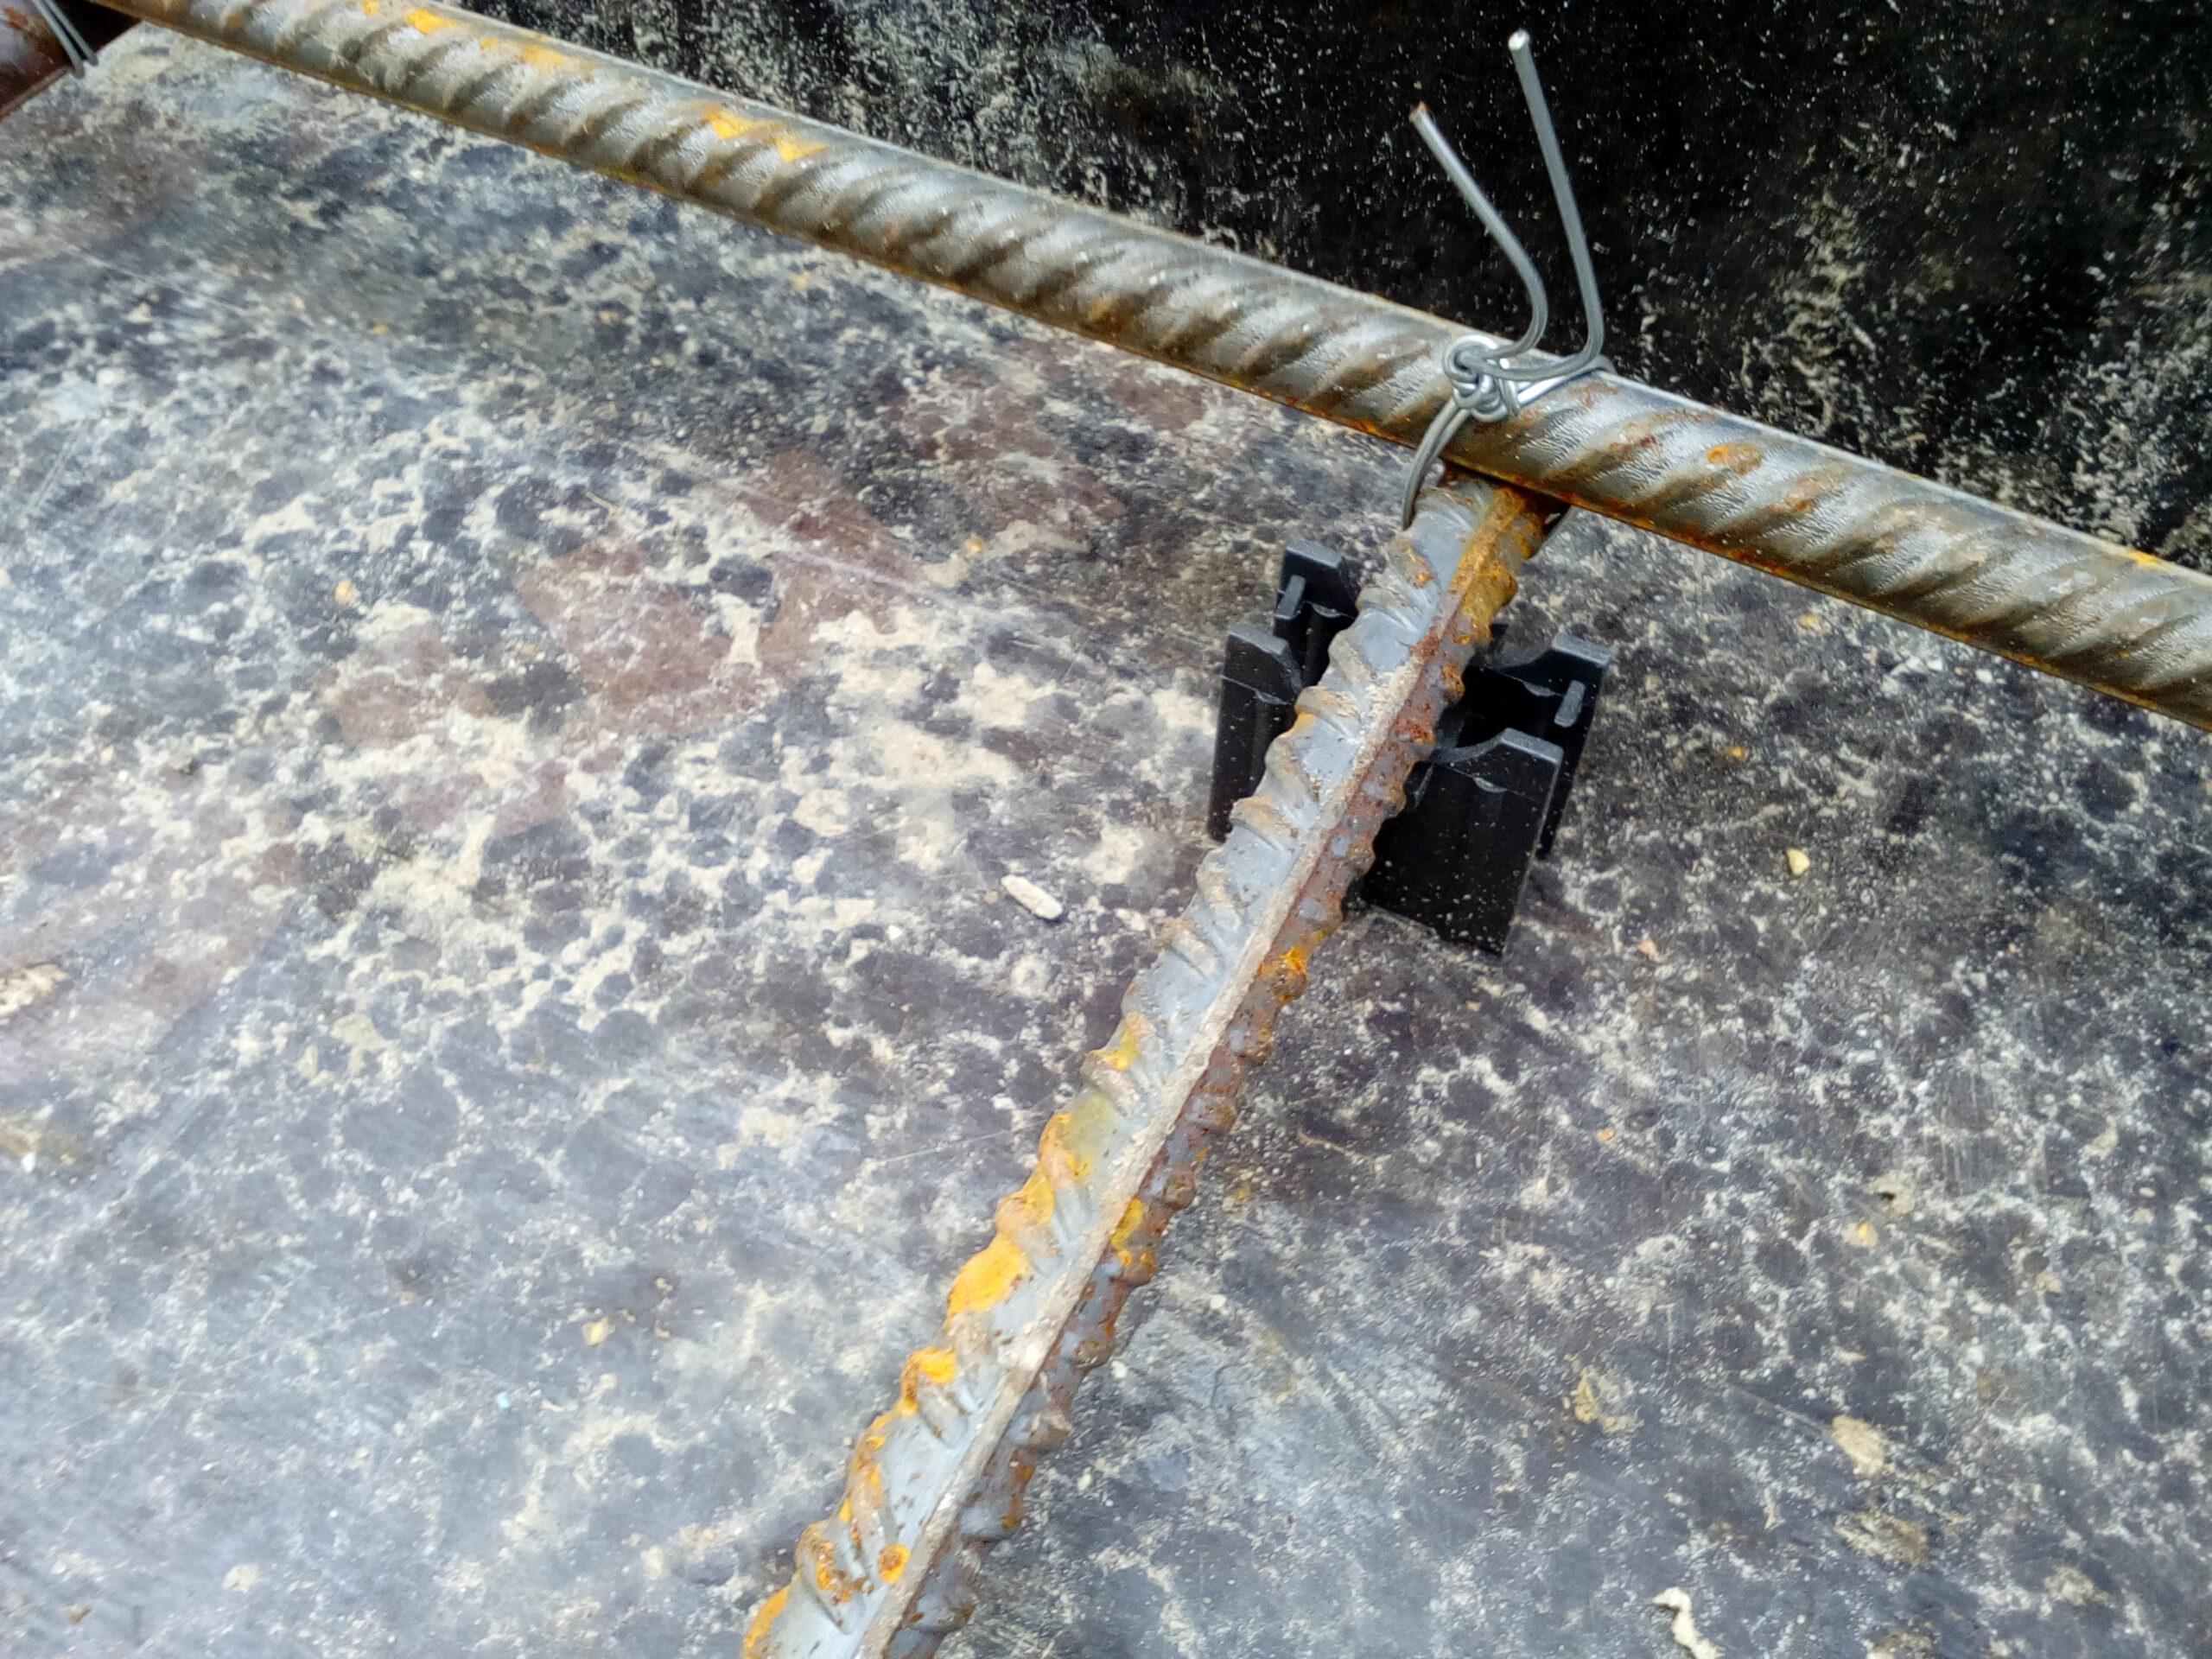 установка фиксаторов защитного слоя под арматуру лестницы